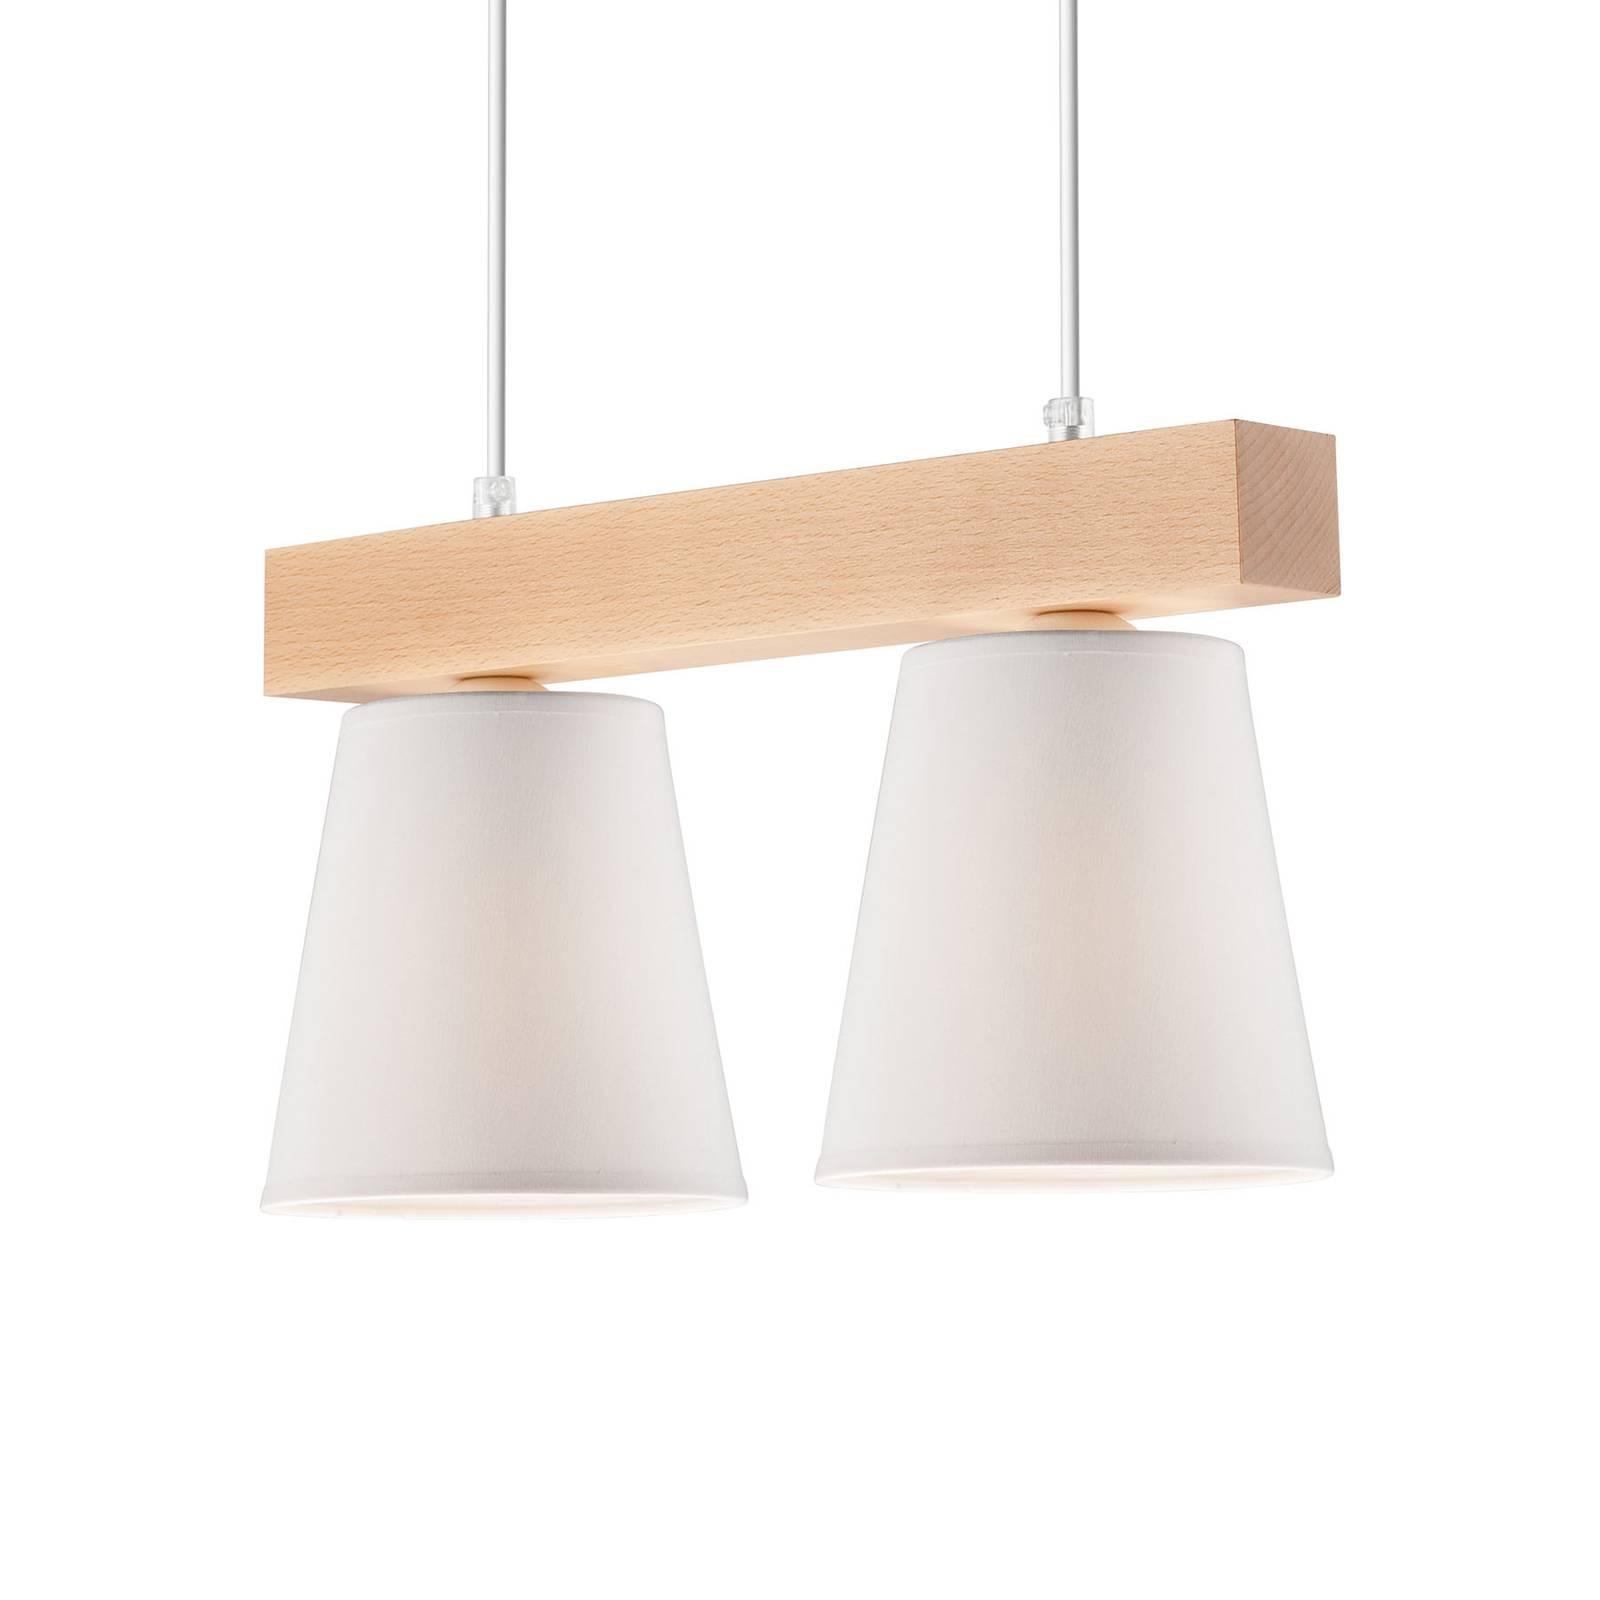 Riippuvalo Aldonn kangasvarjostimella 2-lamppuinen